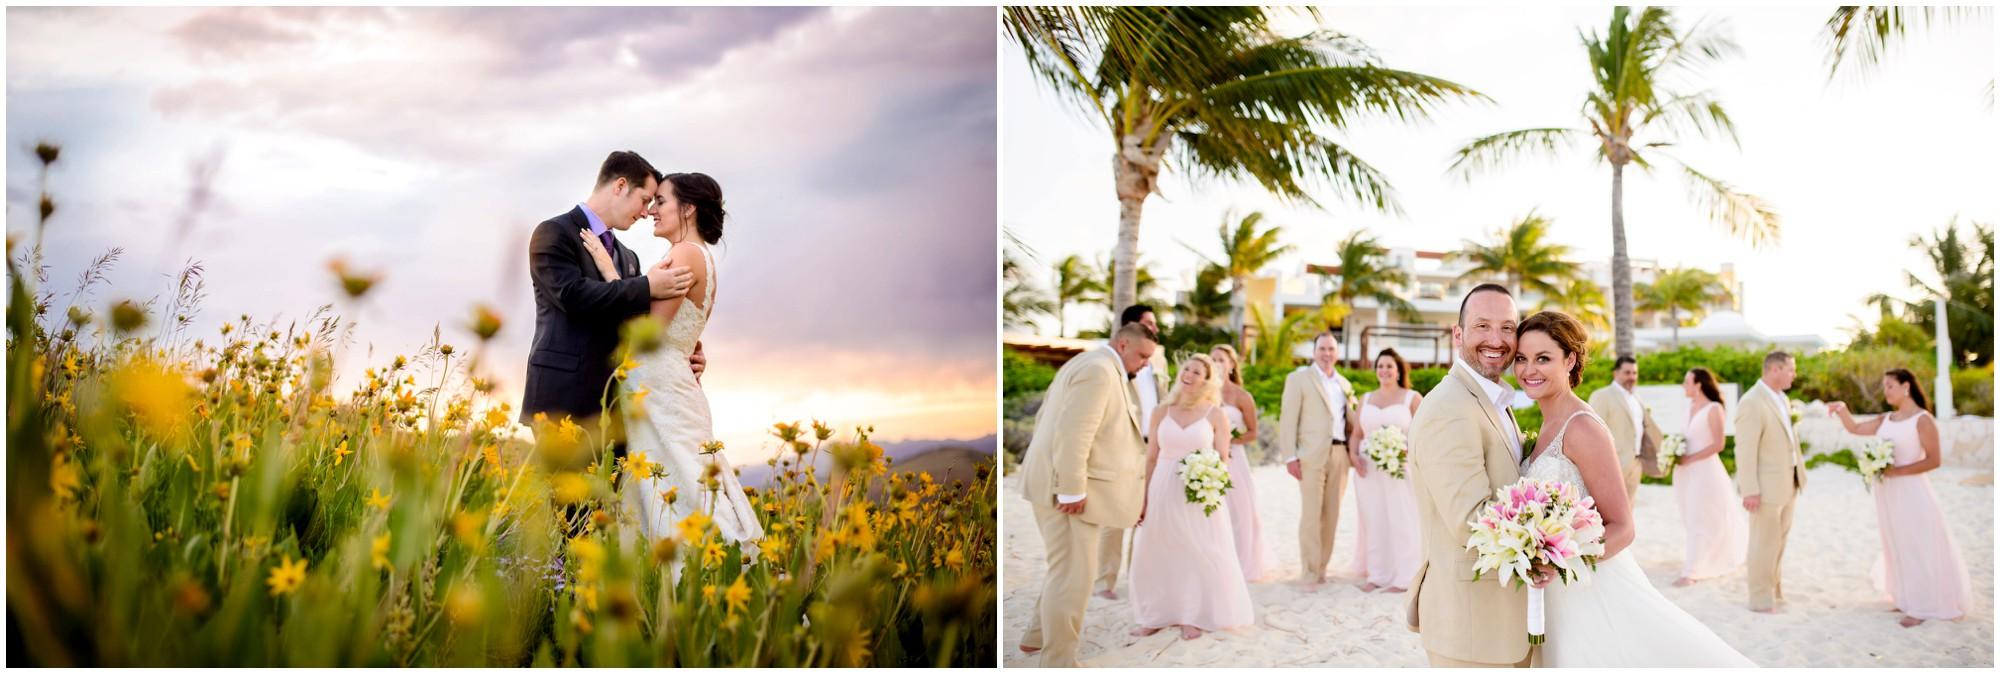 783-Granby-ranch-colorado-wedding-photography-cousineau.jpg